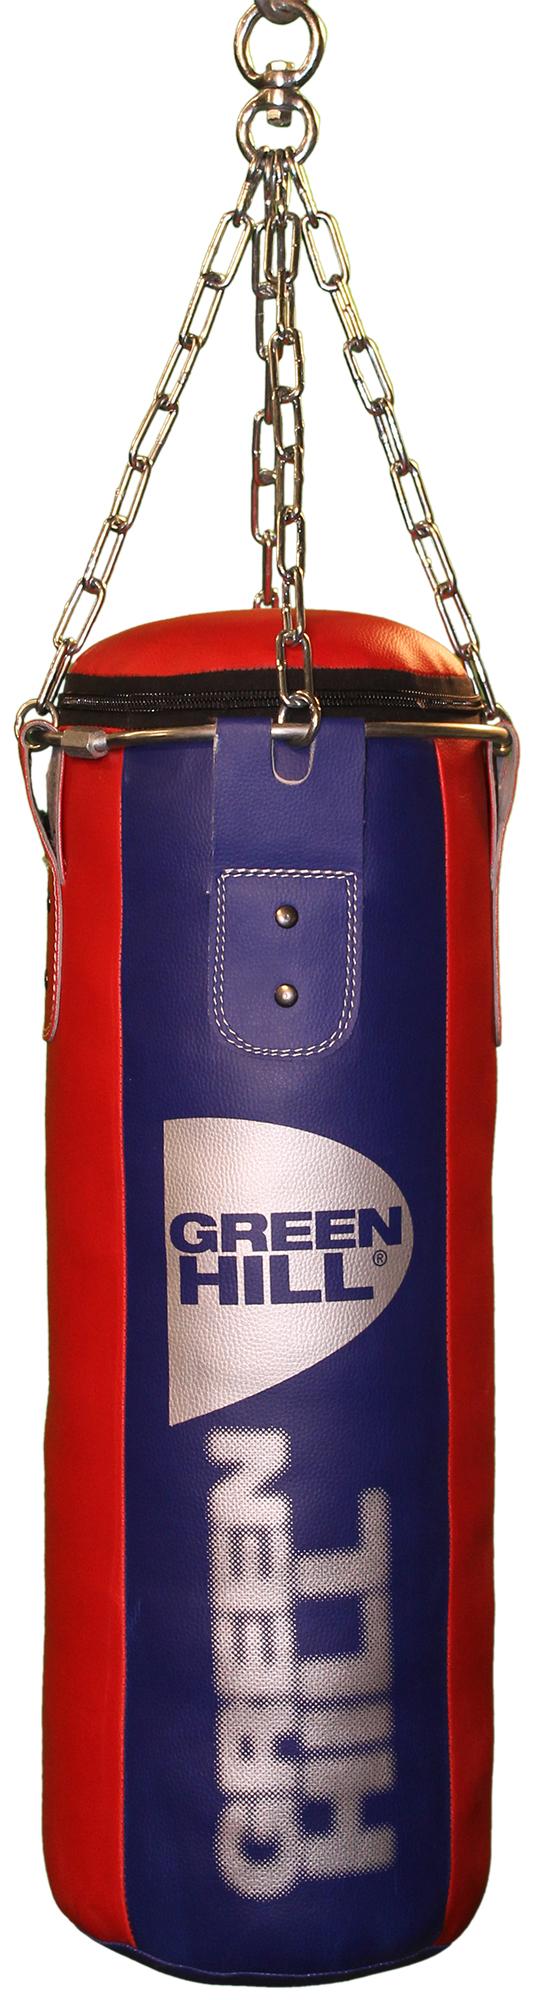 Green Hill Мешок набивной Green Hill, 20 кг